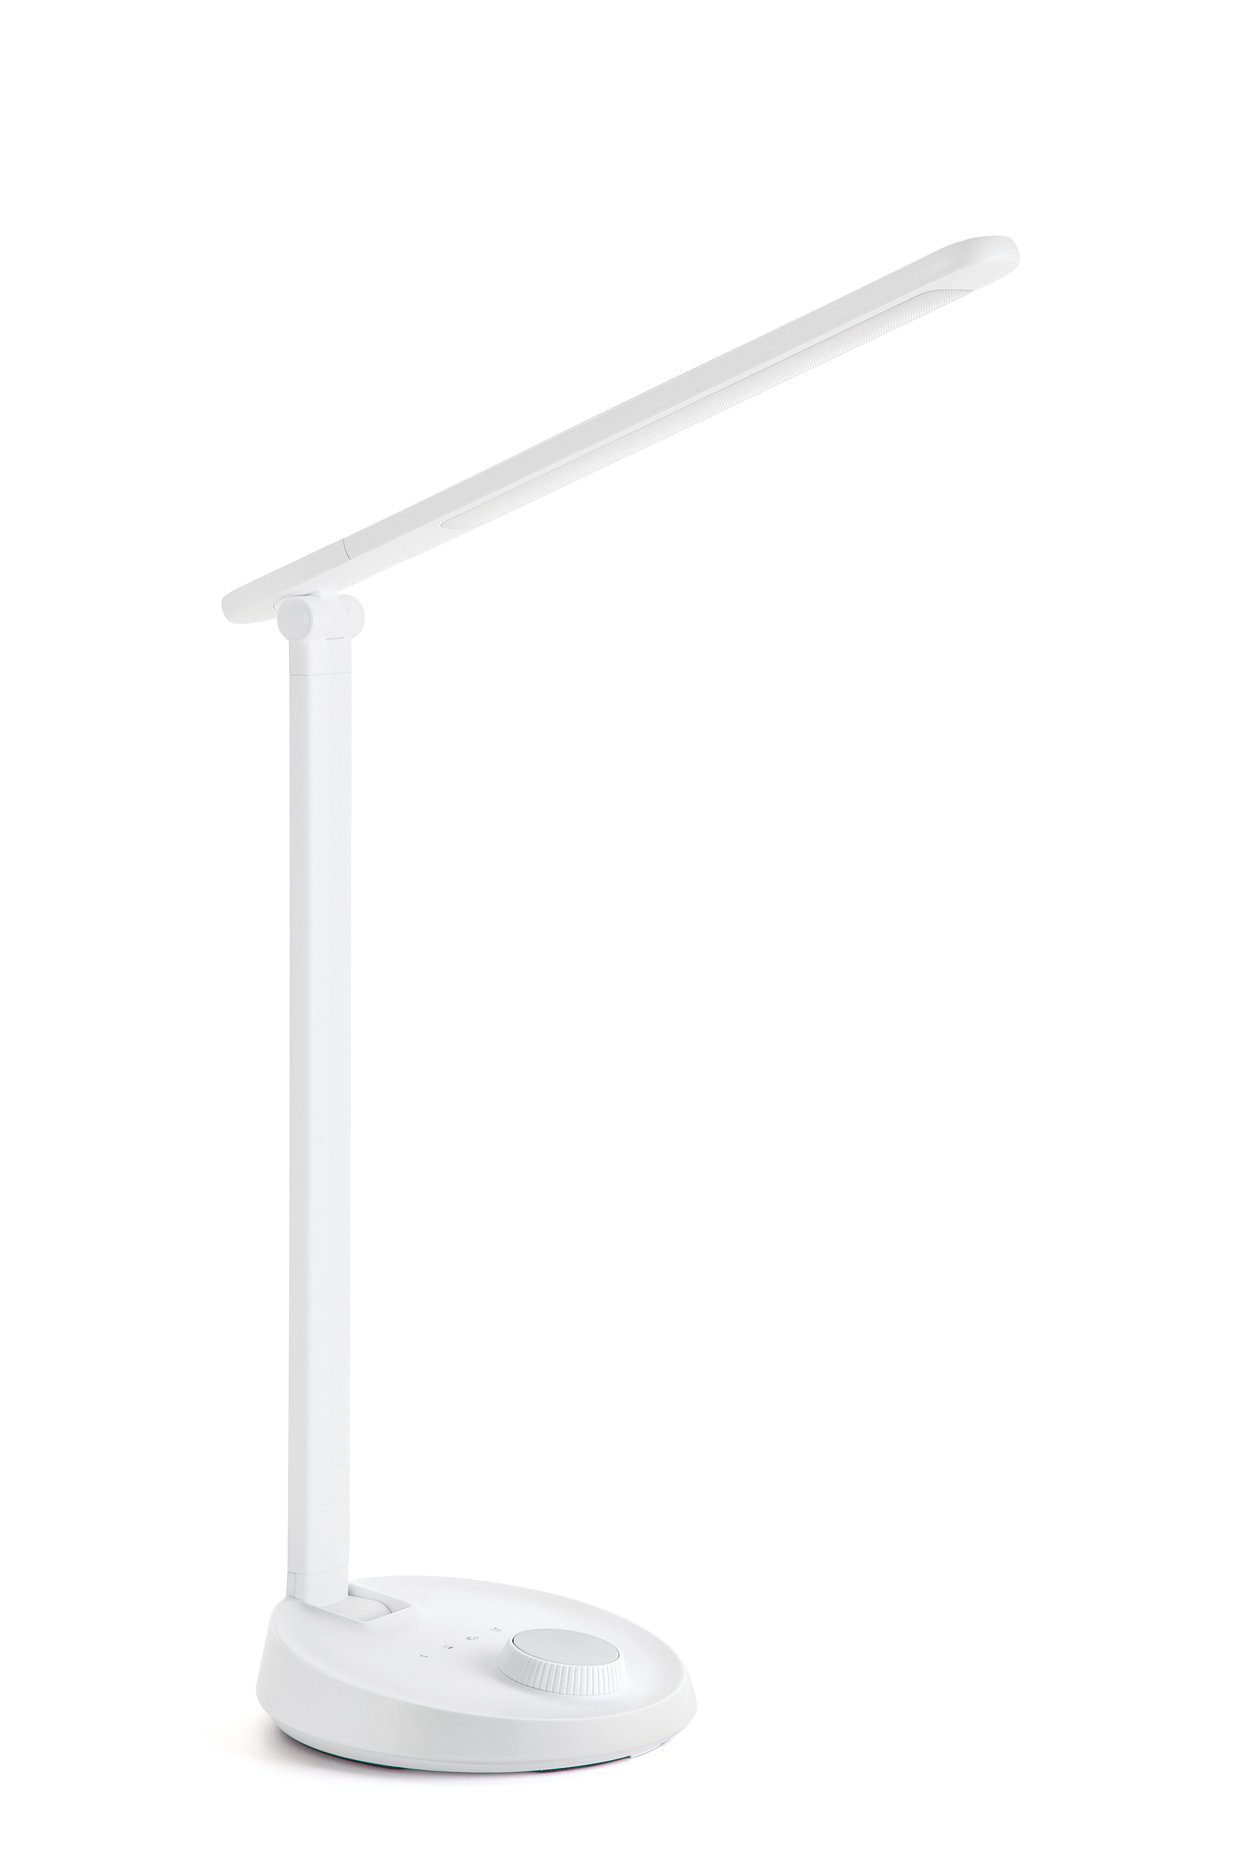 可靠的桌面照明